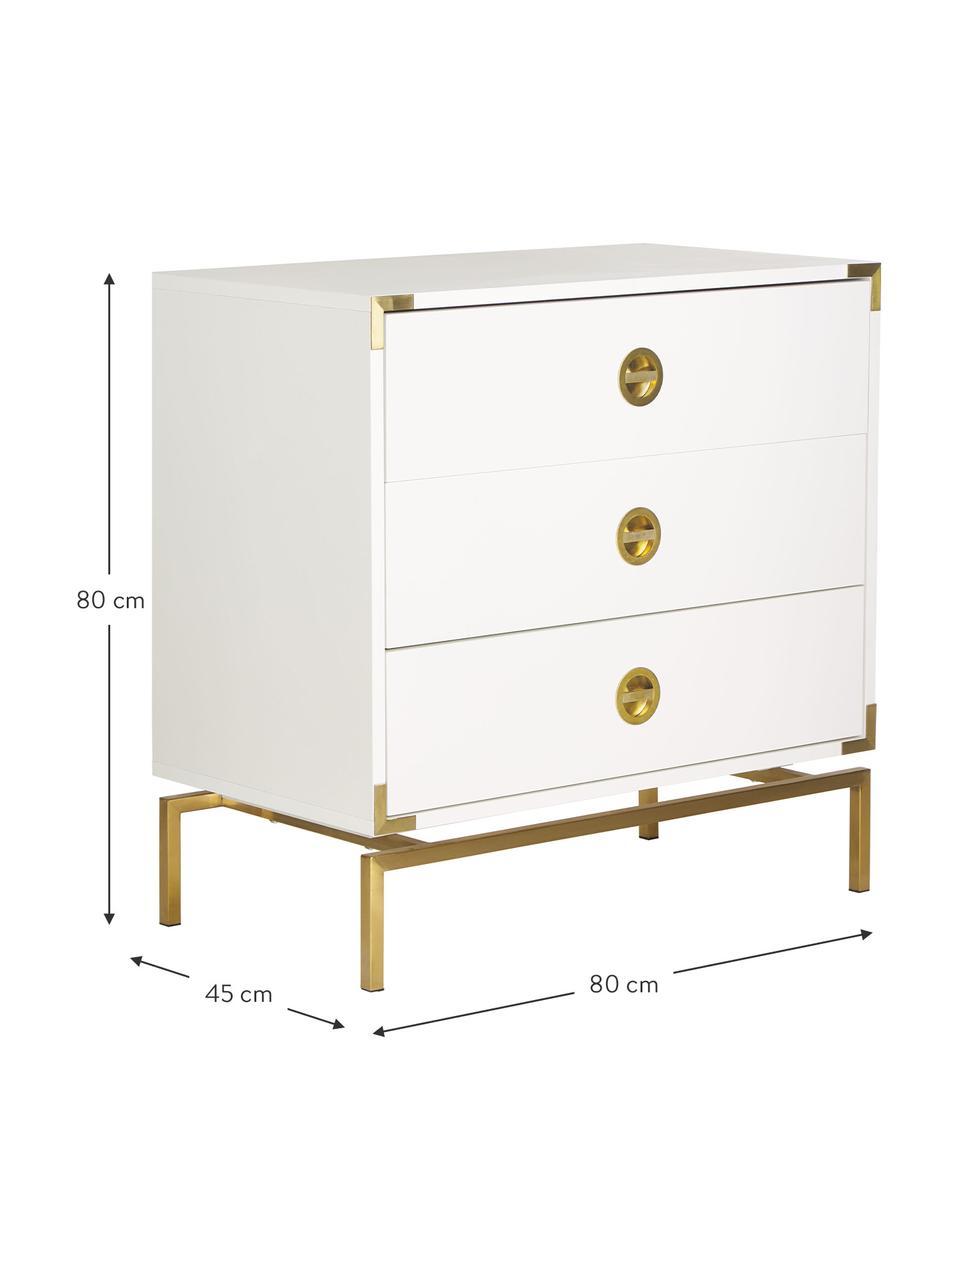 Kommode Elegance in Weiß, Korpus: Mitteldichte Holzfaserpla, Weiß, 80 x 80 cm